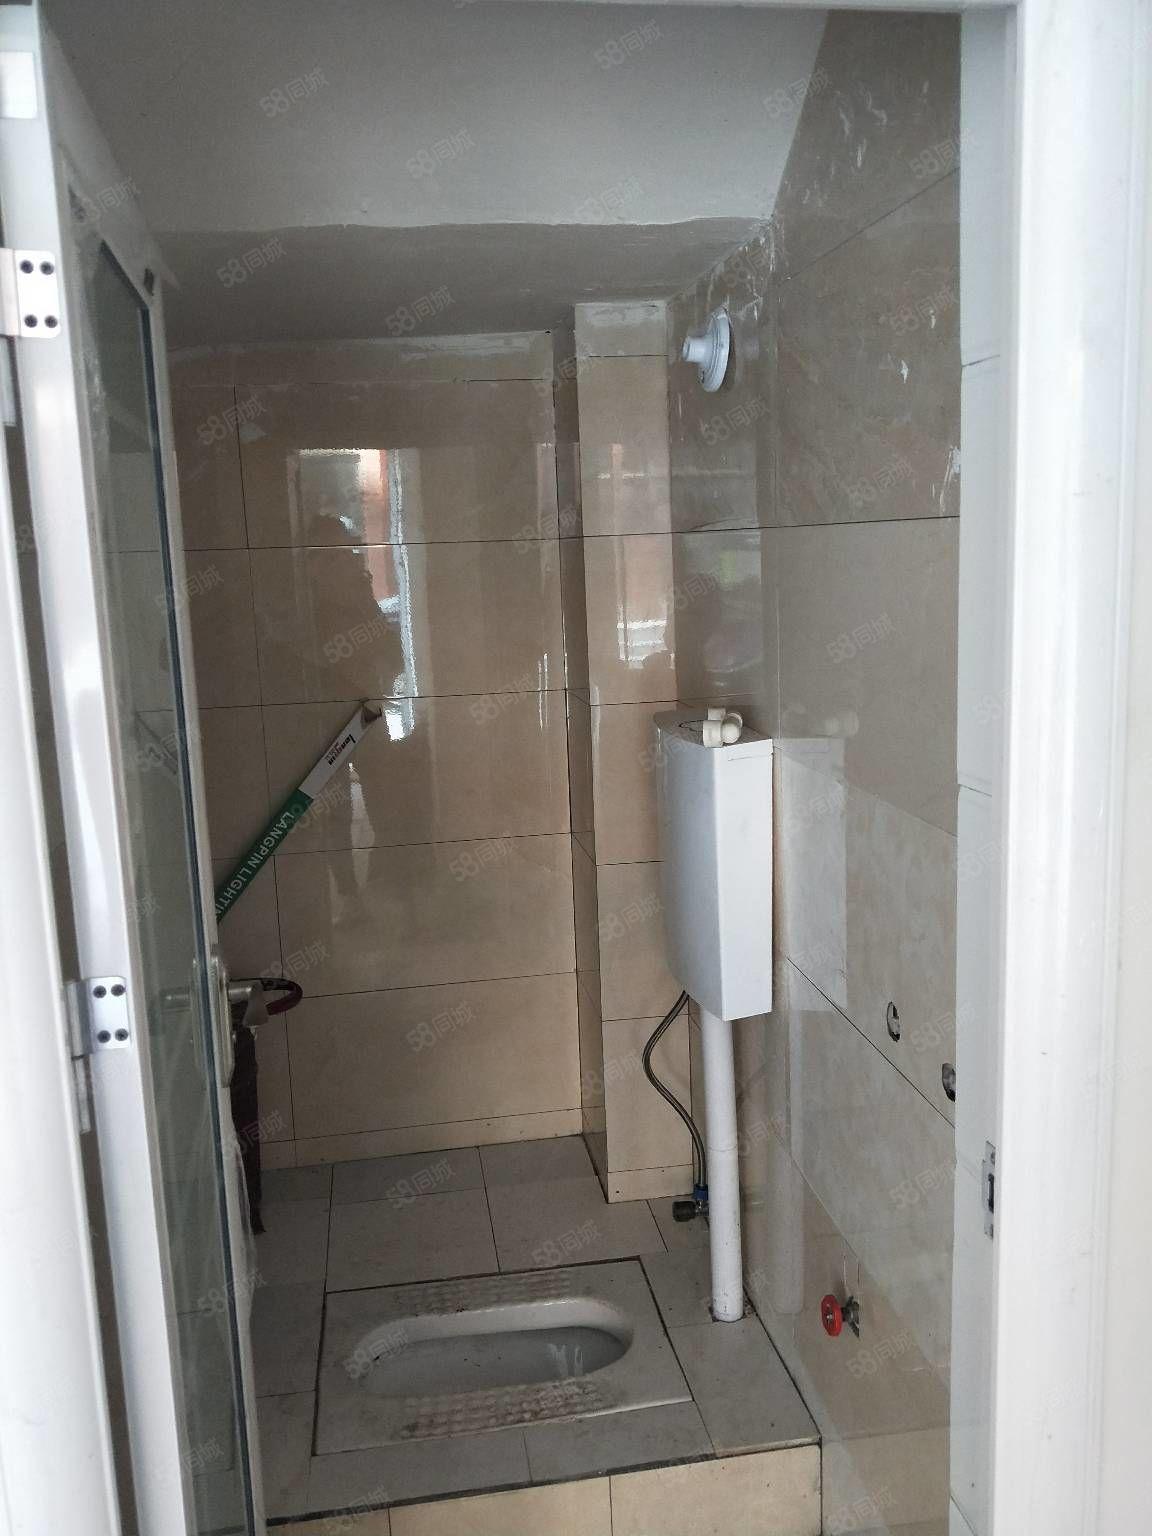 蓝鼎二期附近鸿运巷门面当住宅出租上下两层有热水器